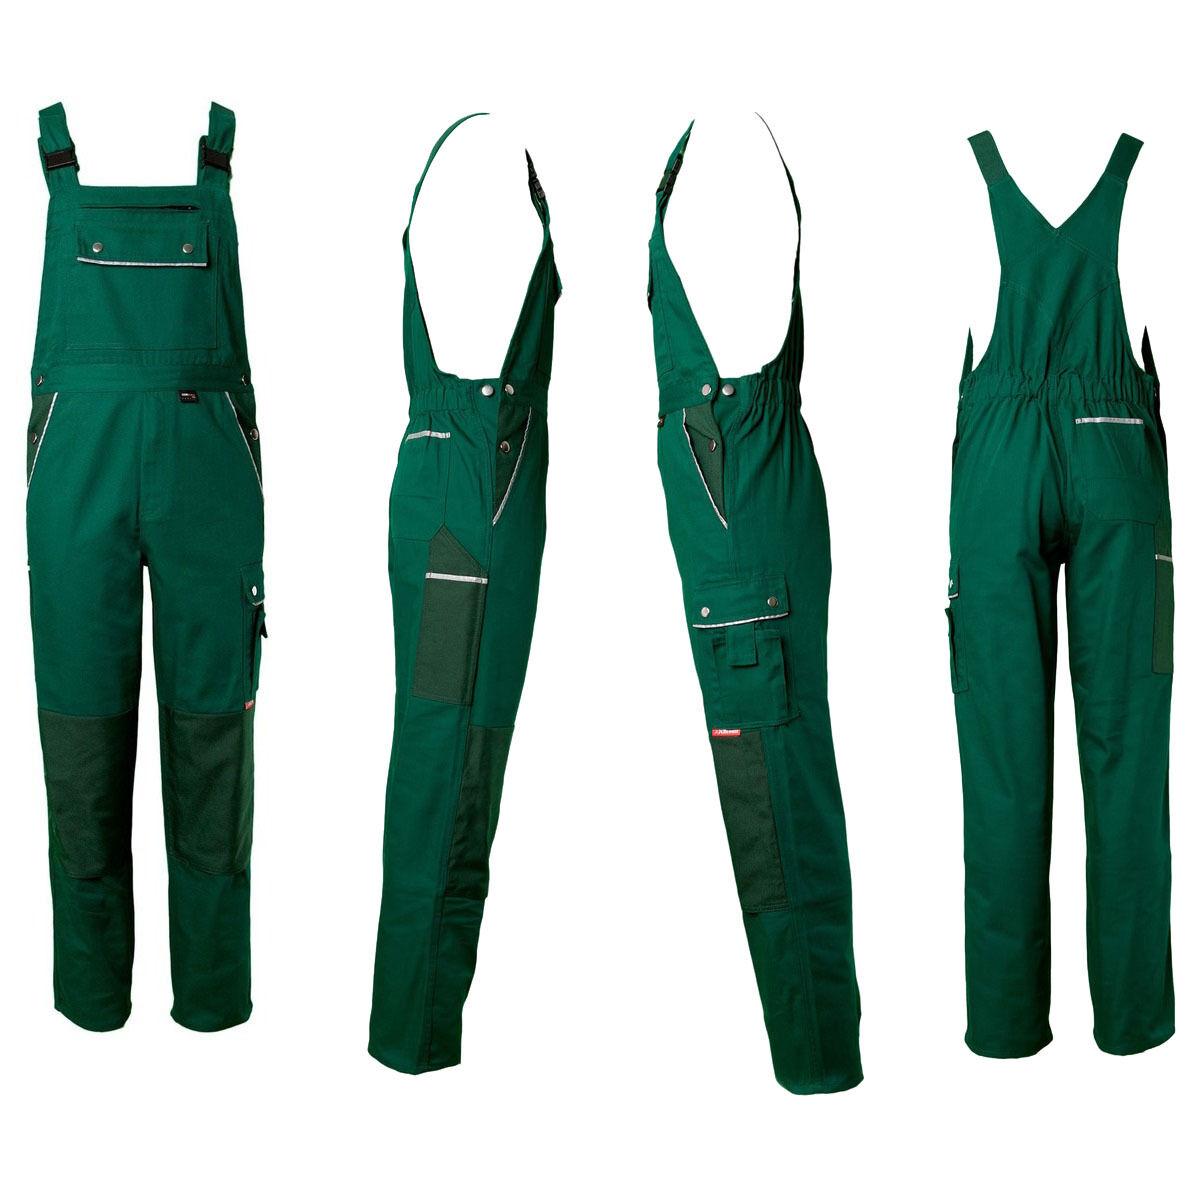 Tubo Flessibile Giardino Abbigliamento Giardiniere Pantaloni da Salopette Lavoro Lavoro Lavoro bf1c99